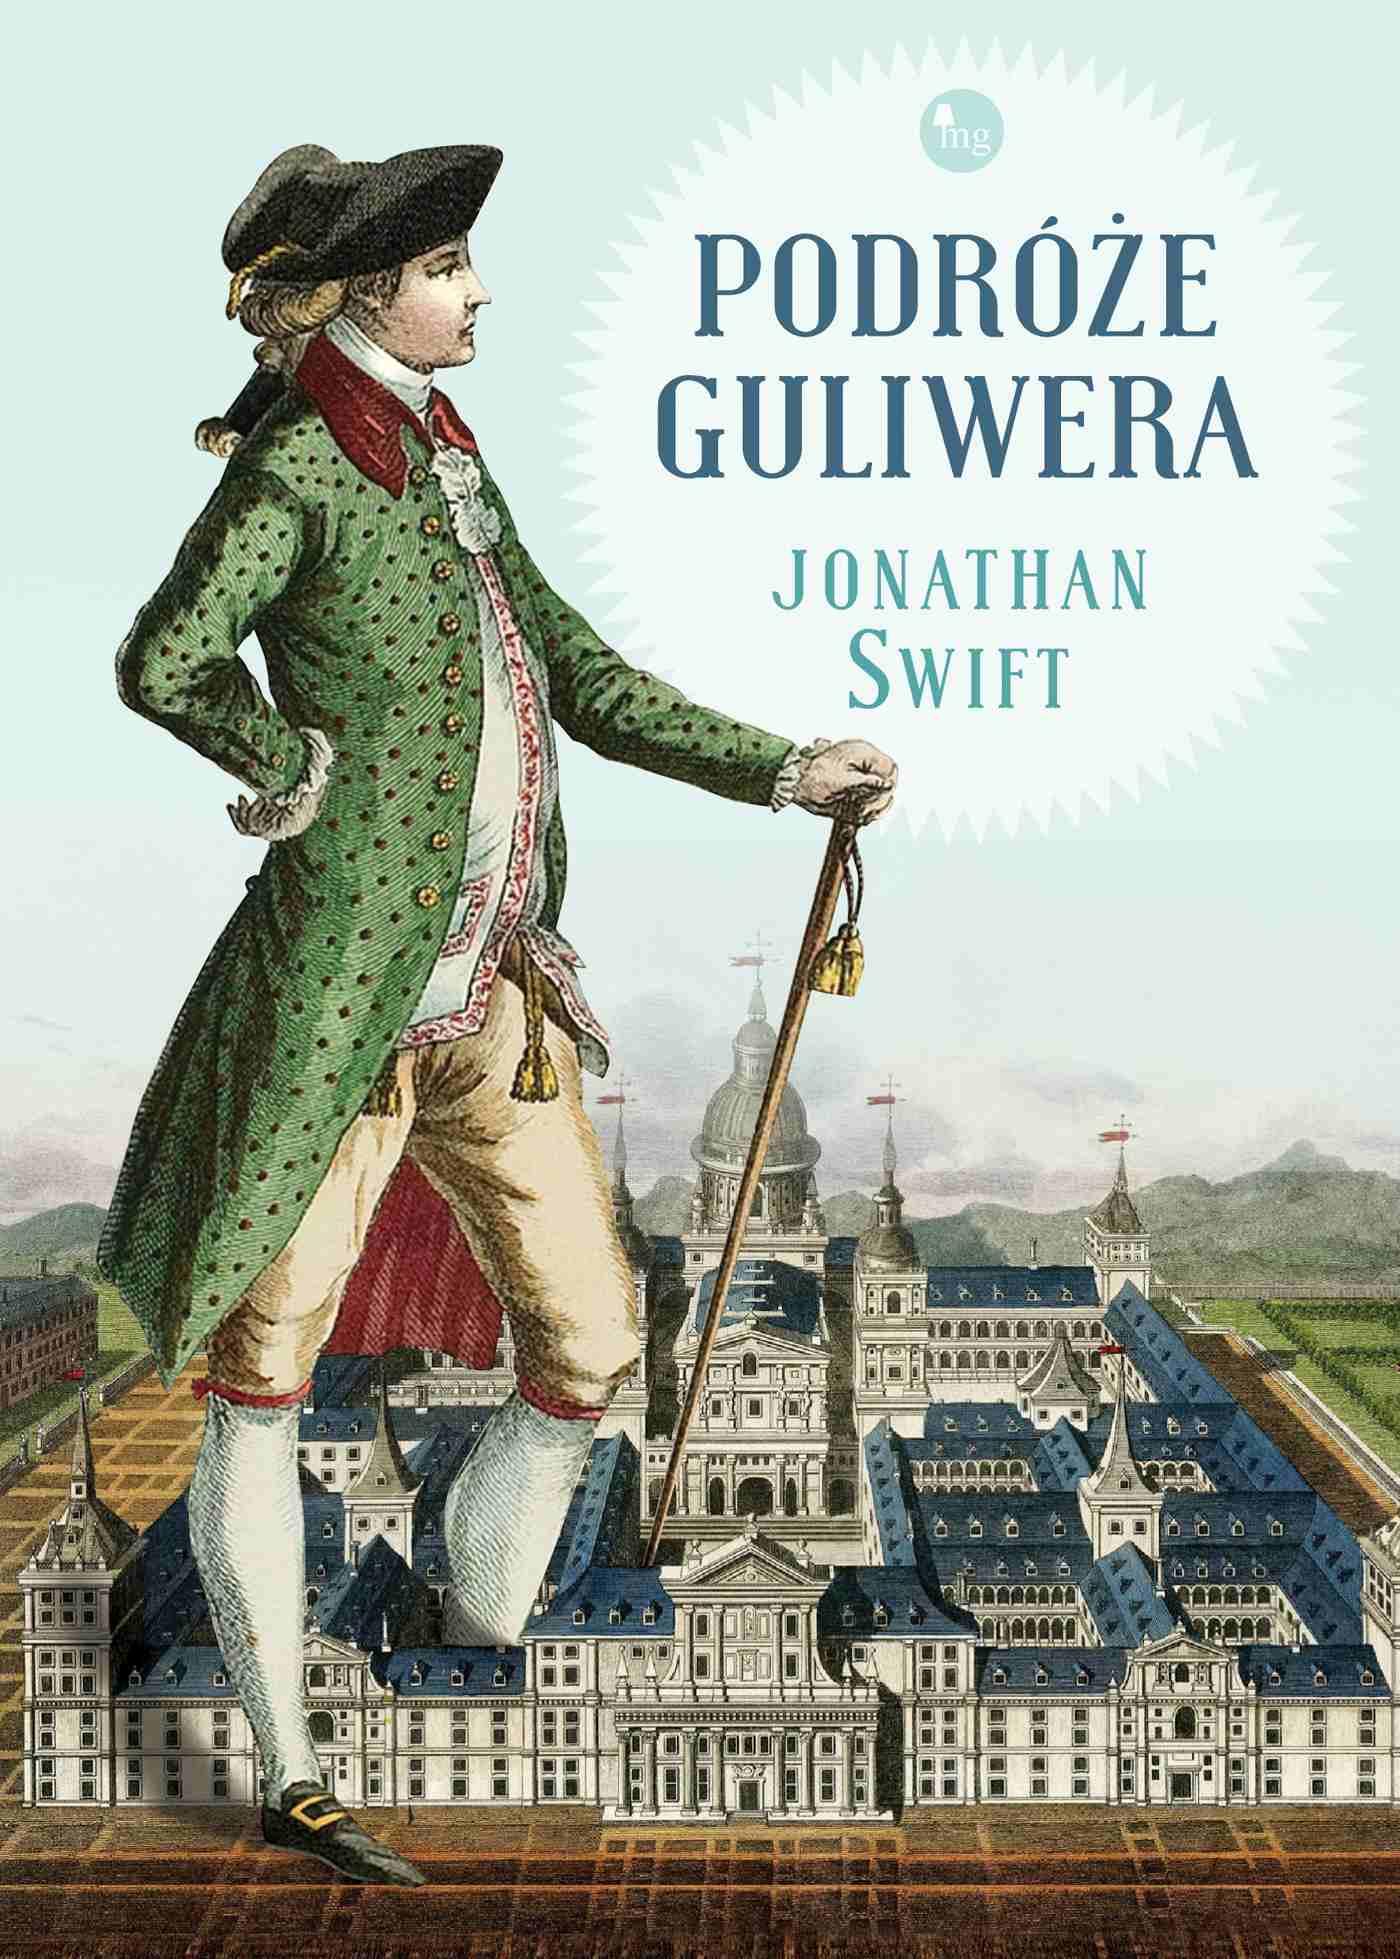 Podróże Guliwera - Ebook (Książka na Kindle) do pobrania w formacie MOBI